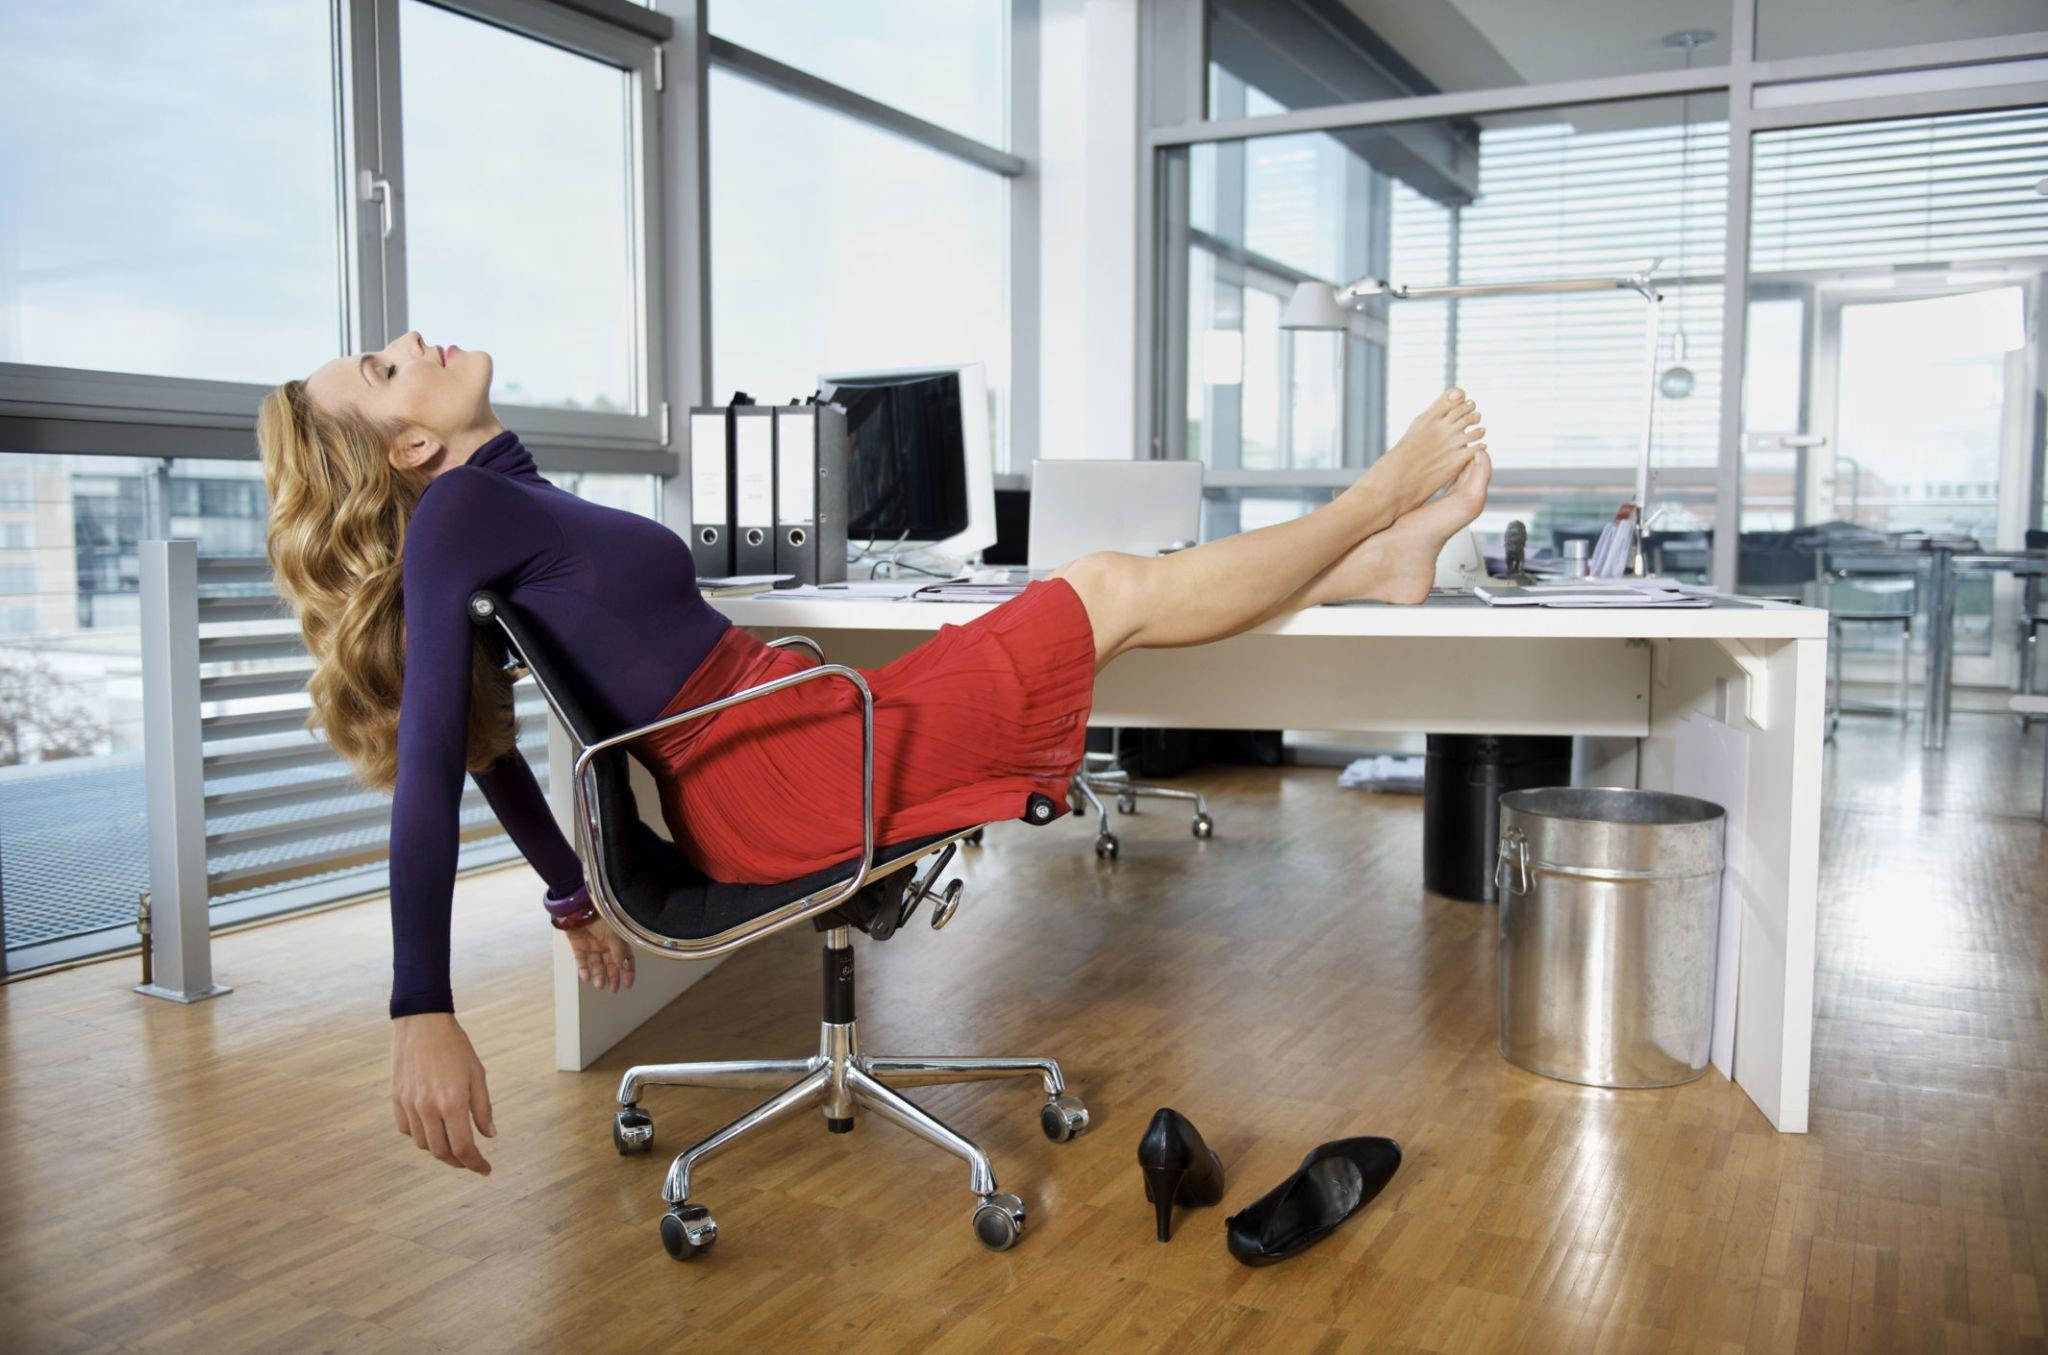 img 5b32ef47af2cb.png?resize=412,232 - 7 種讓緊繃的生活更舒服的方法,放慢腳步!減少憂鬱!